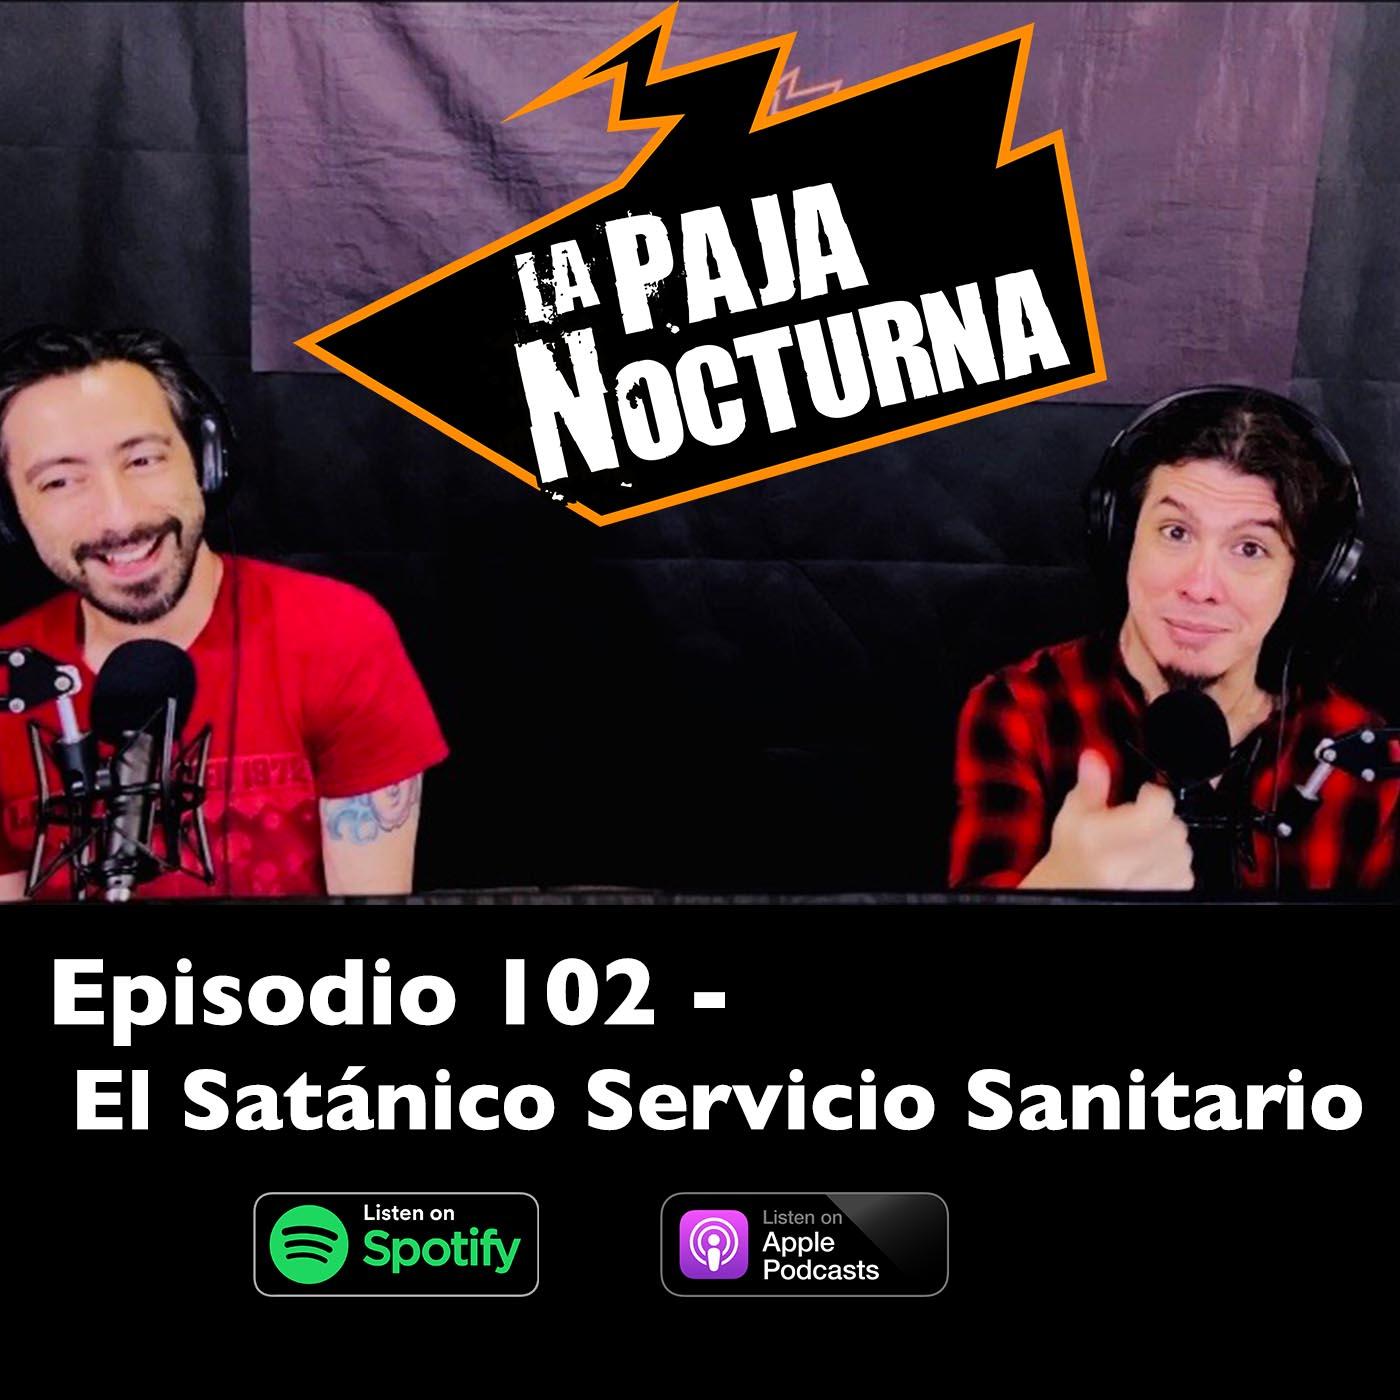 La paja nocturna podcast Episodio 102